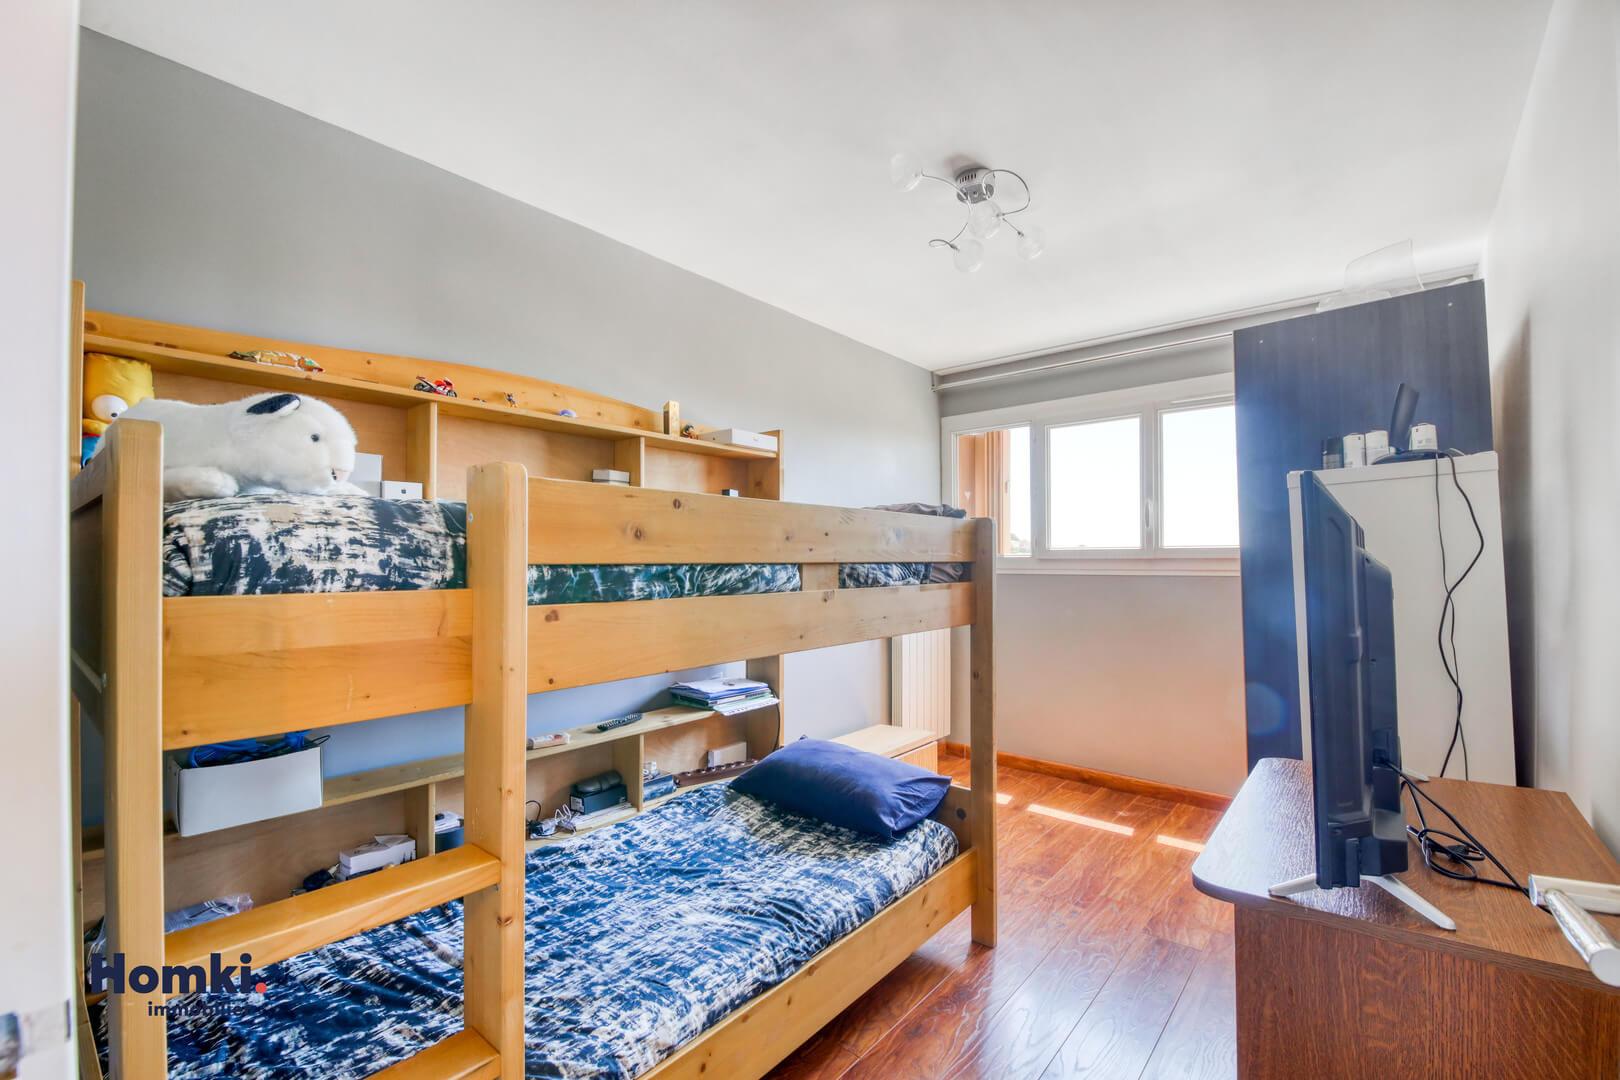 Vente Appartement 81 m² T5 13015_9